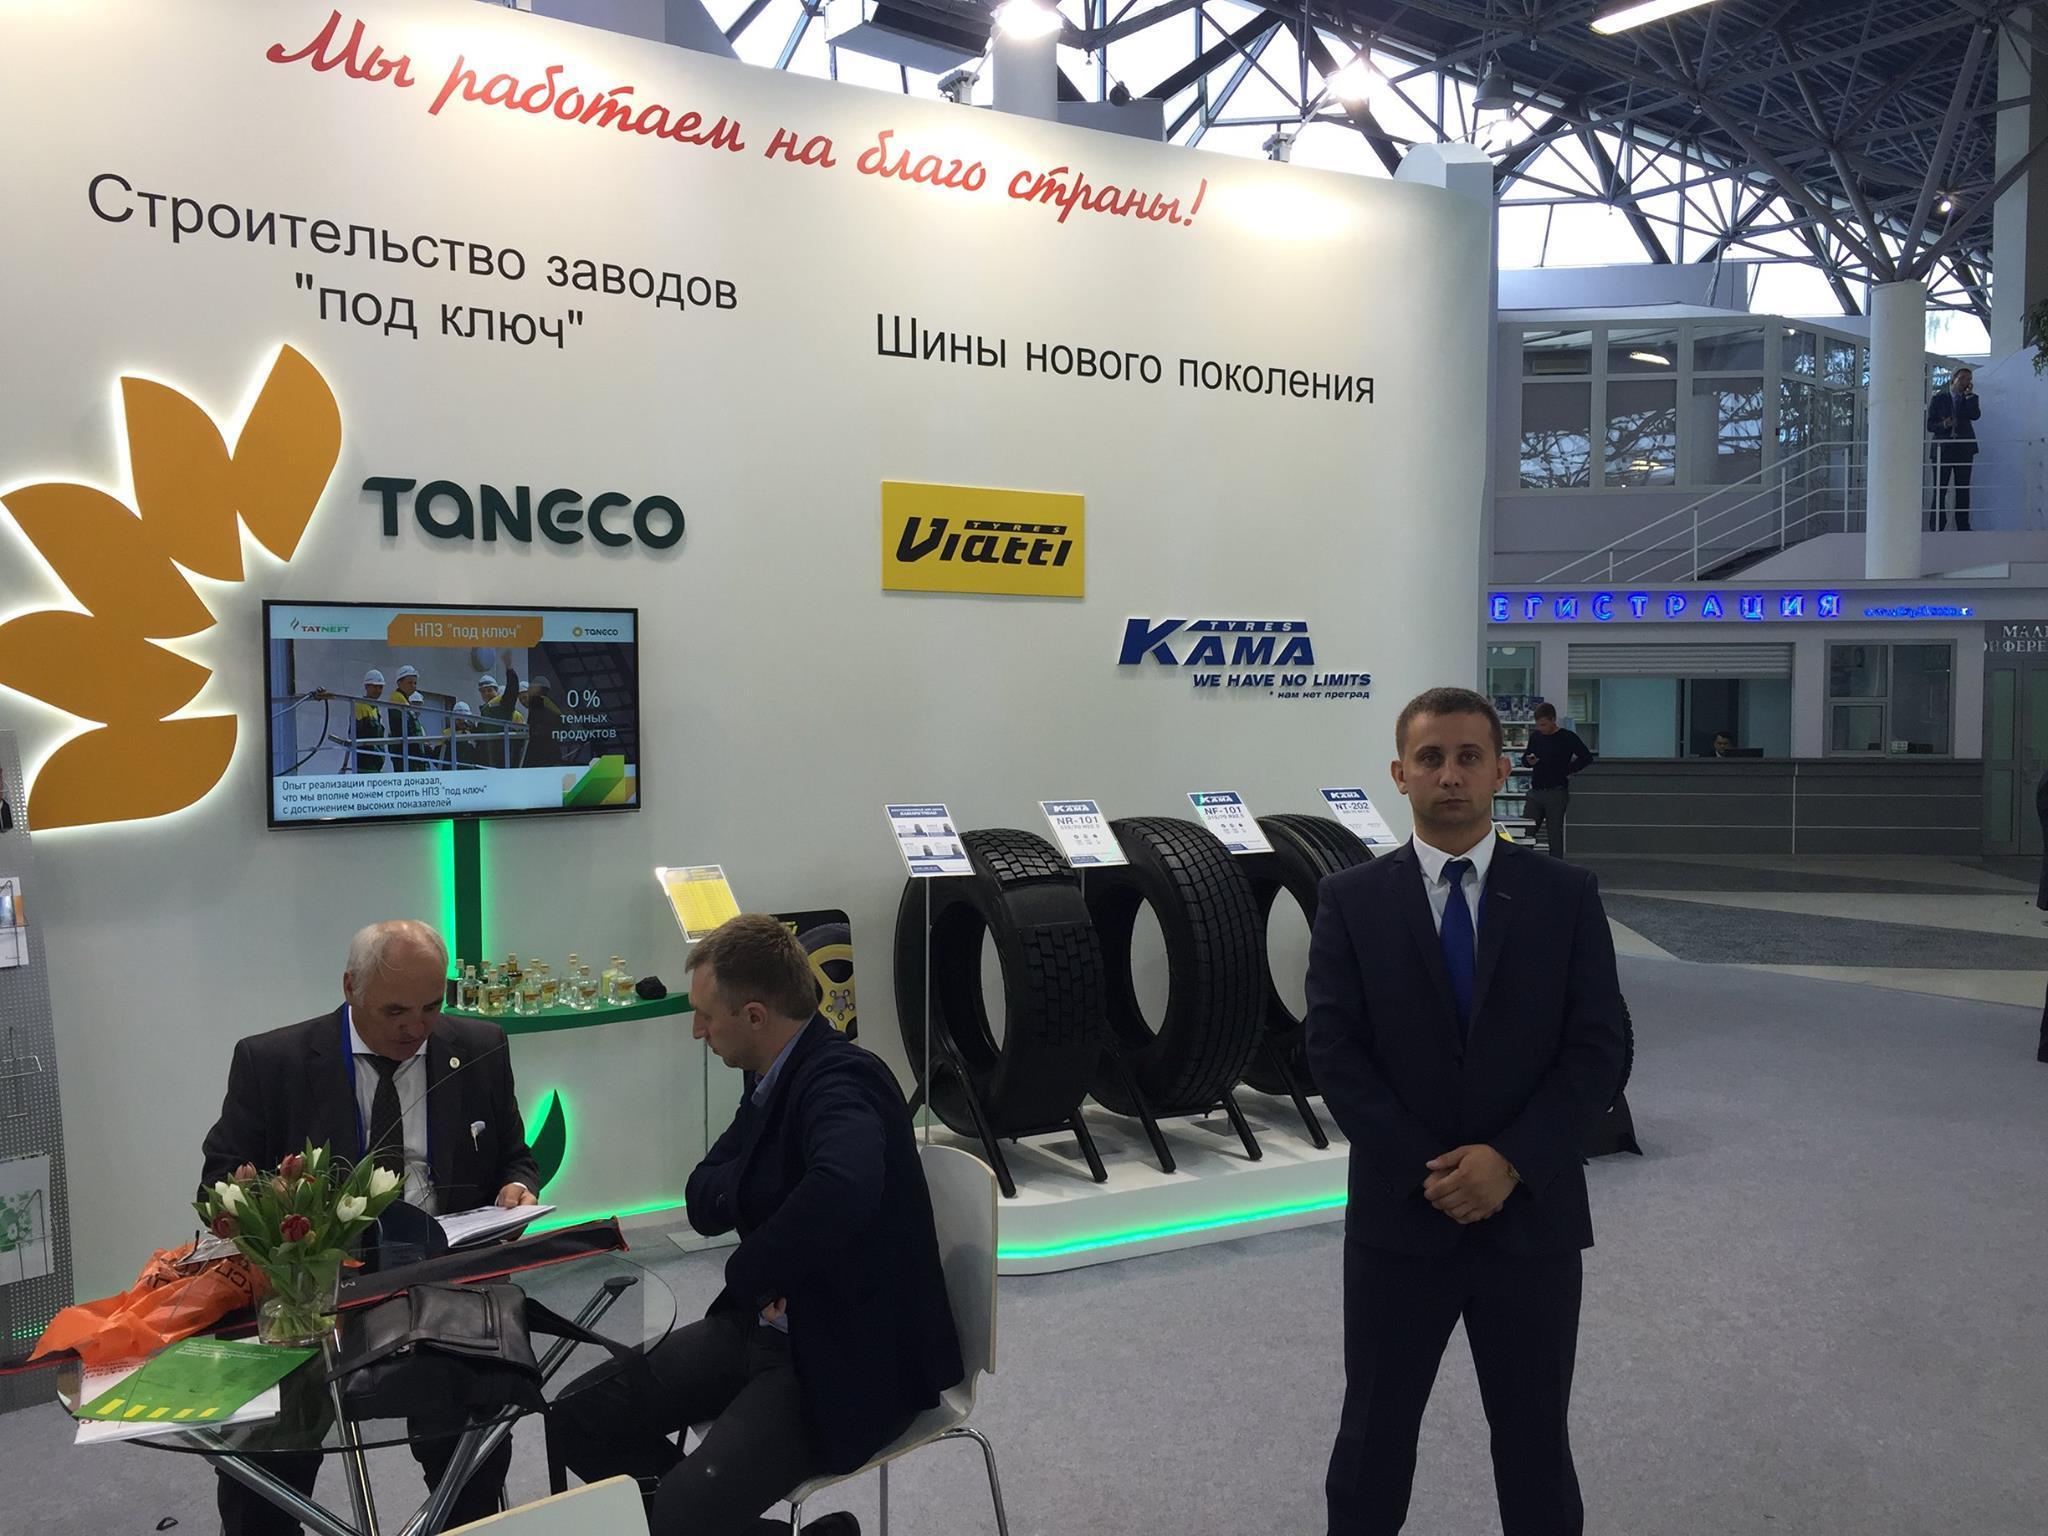 Шины Viatti представили на Татарстанском нефтегазохимическом форуме